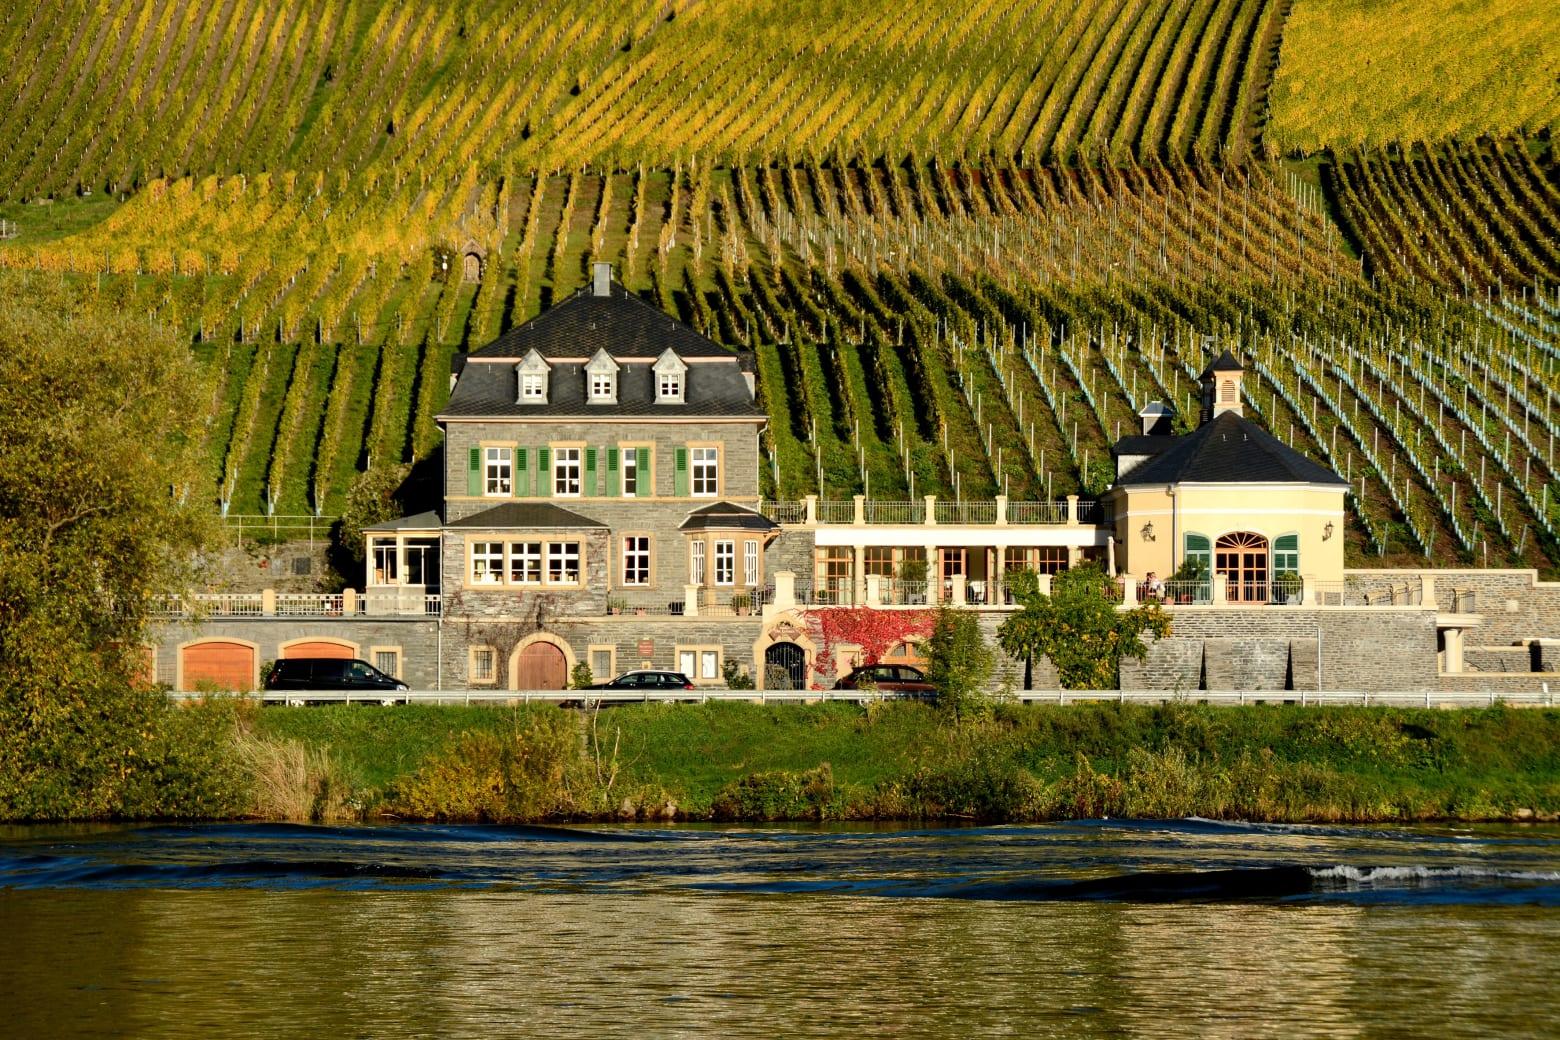 Weingut Ernst Loosen